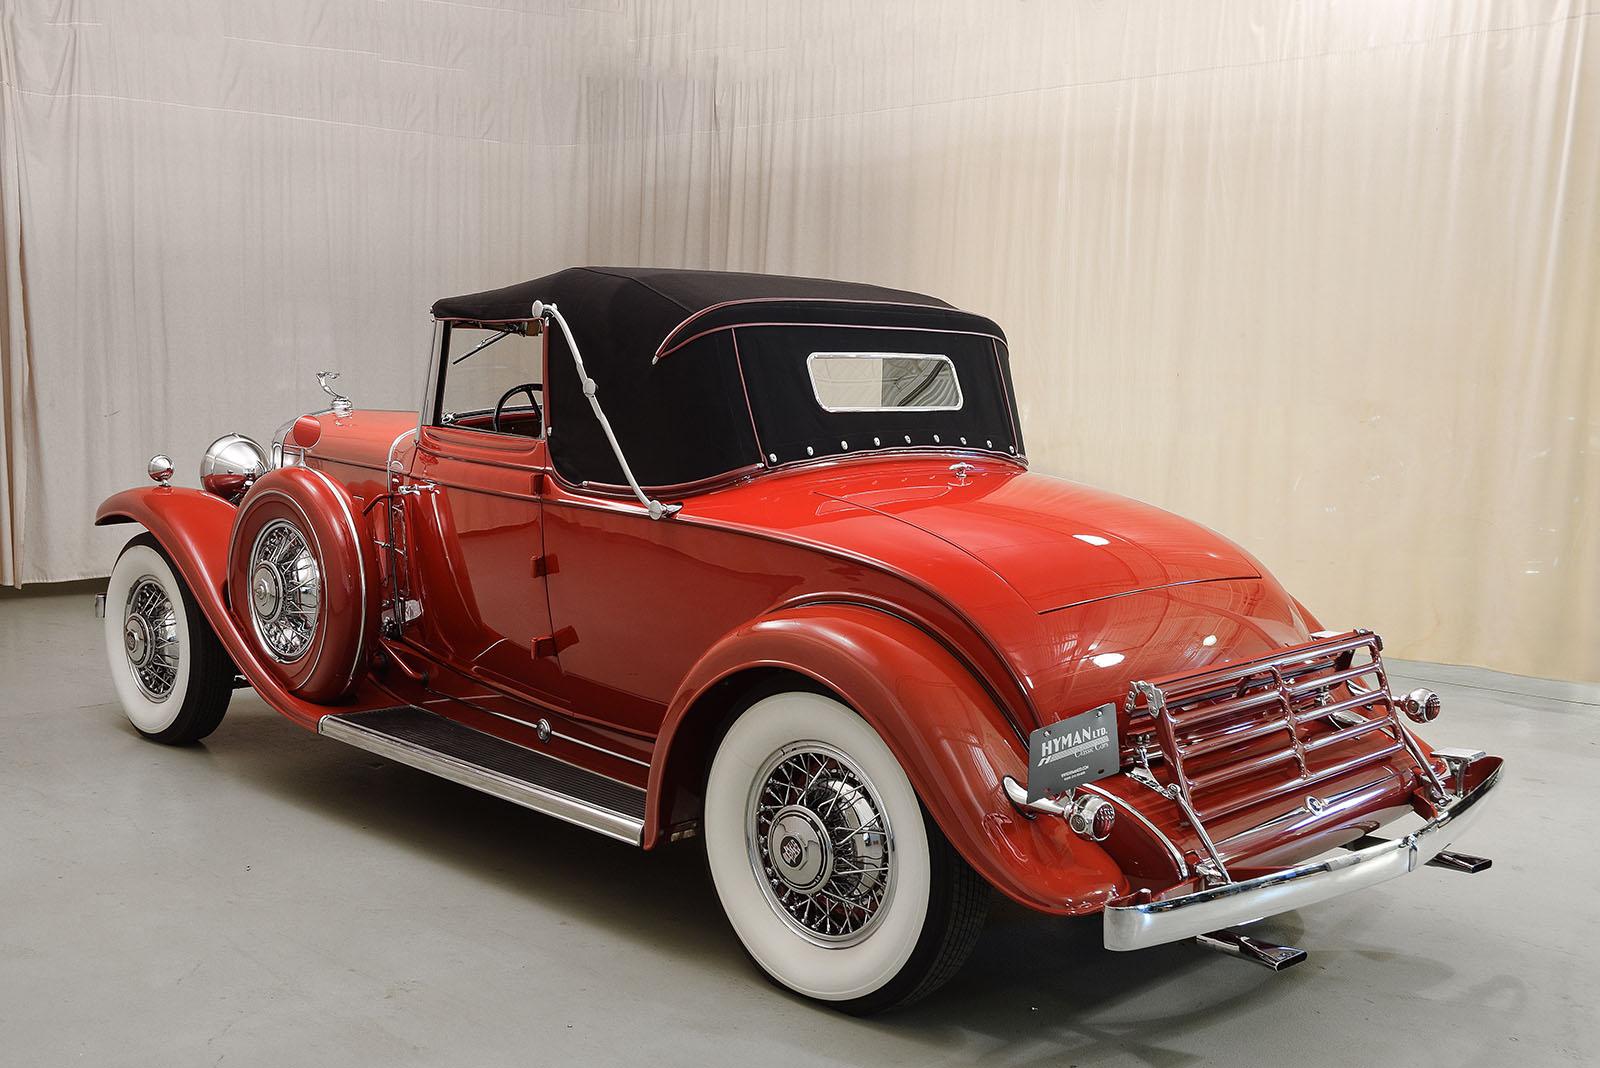 on 1930 Cadillac V8 Engine